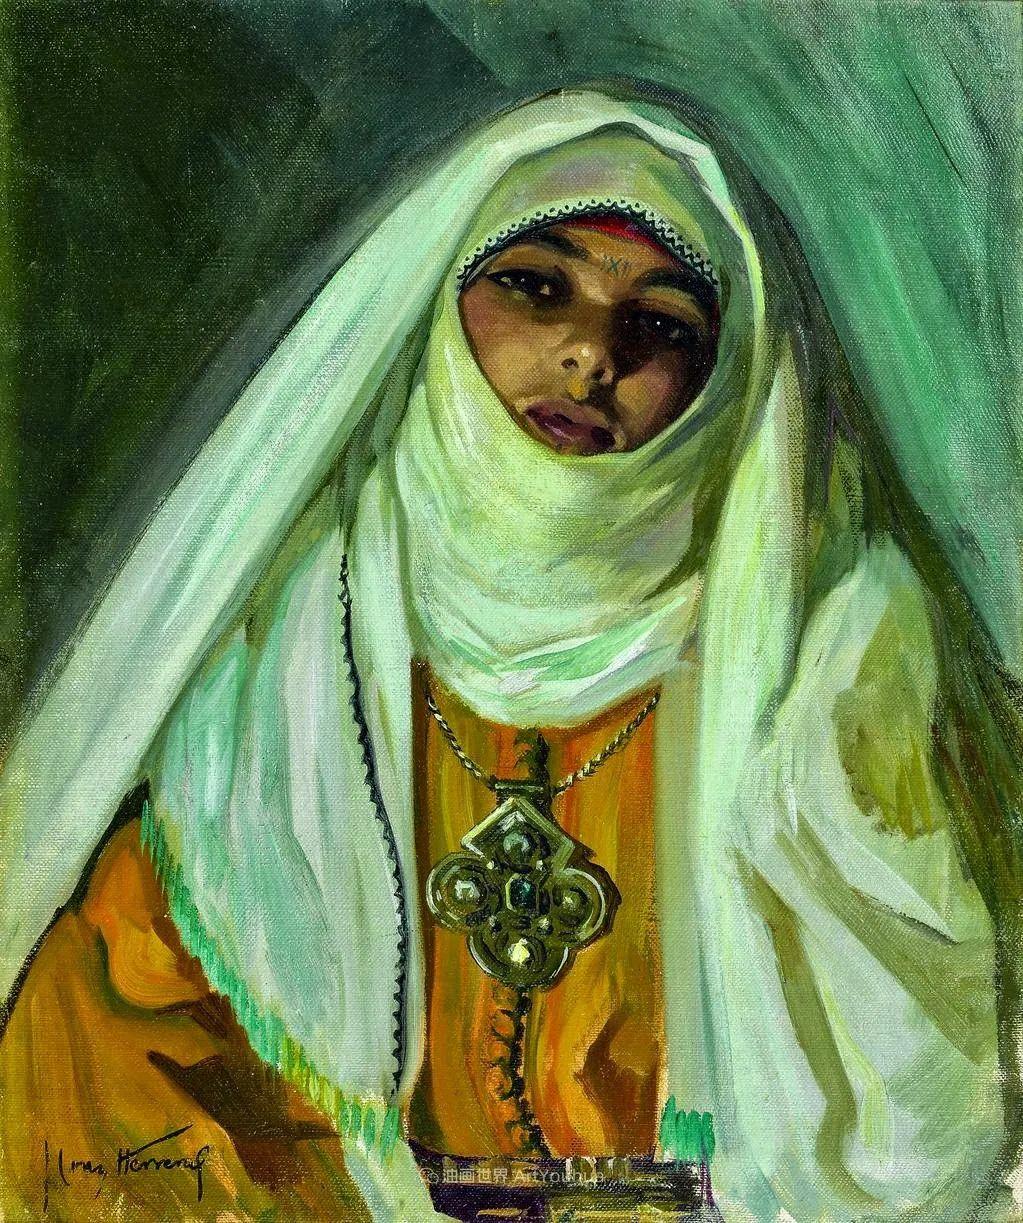 西班牙画家何塞·克鲁斯·埃雷拉人物作品欣赏插图25